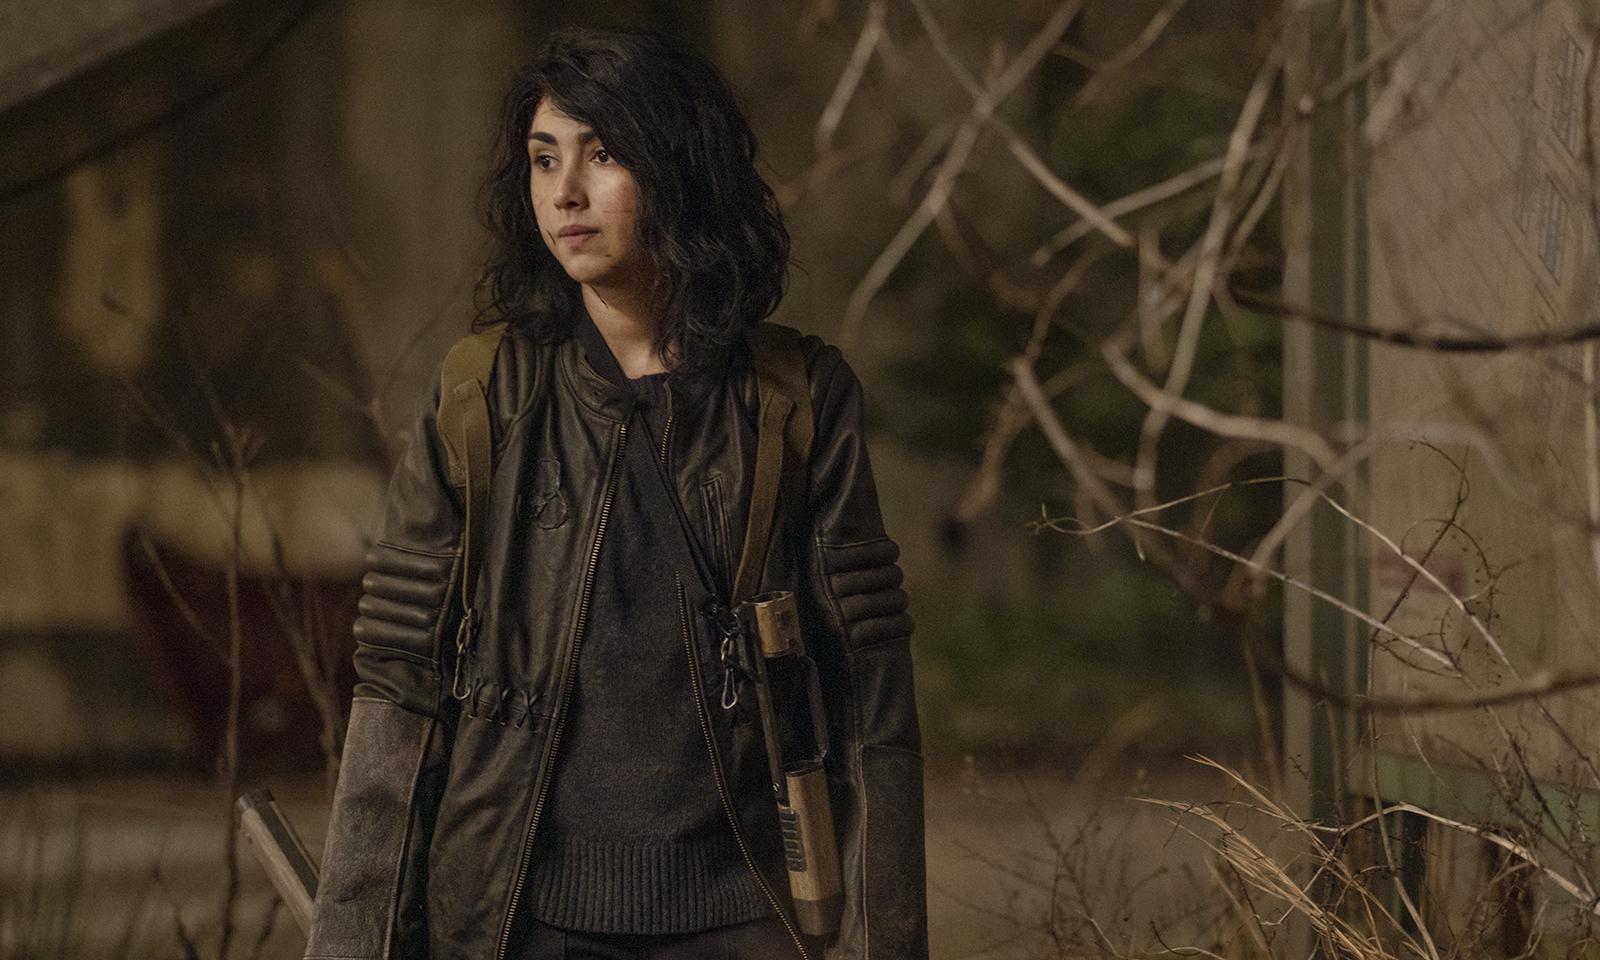 Hope suja de sangue no episódio 1 da 2ª temporada de The Walking Dead: World Beyond.